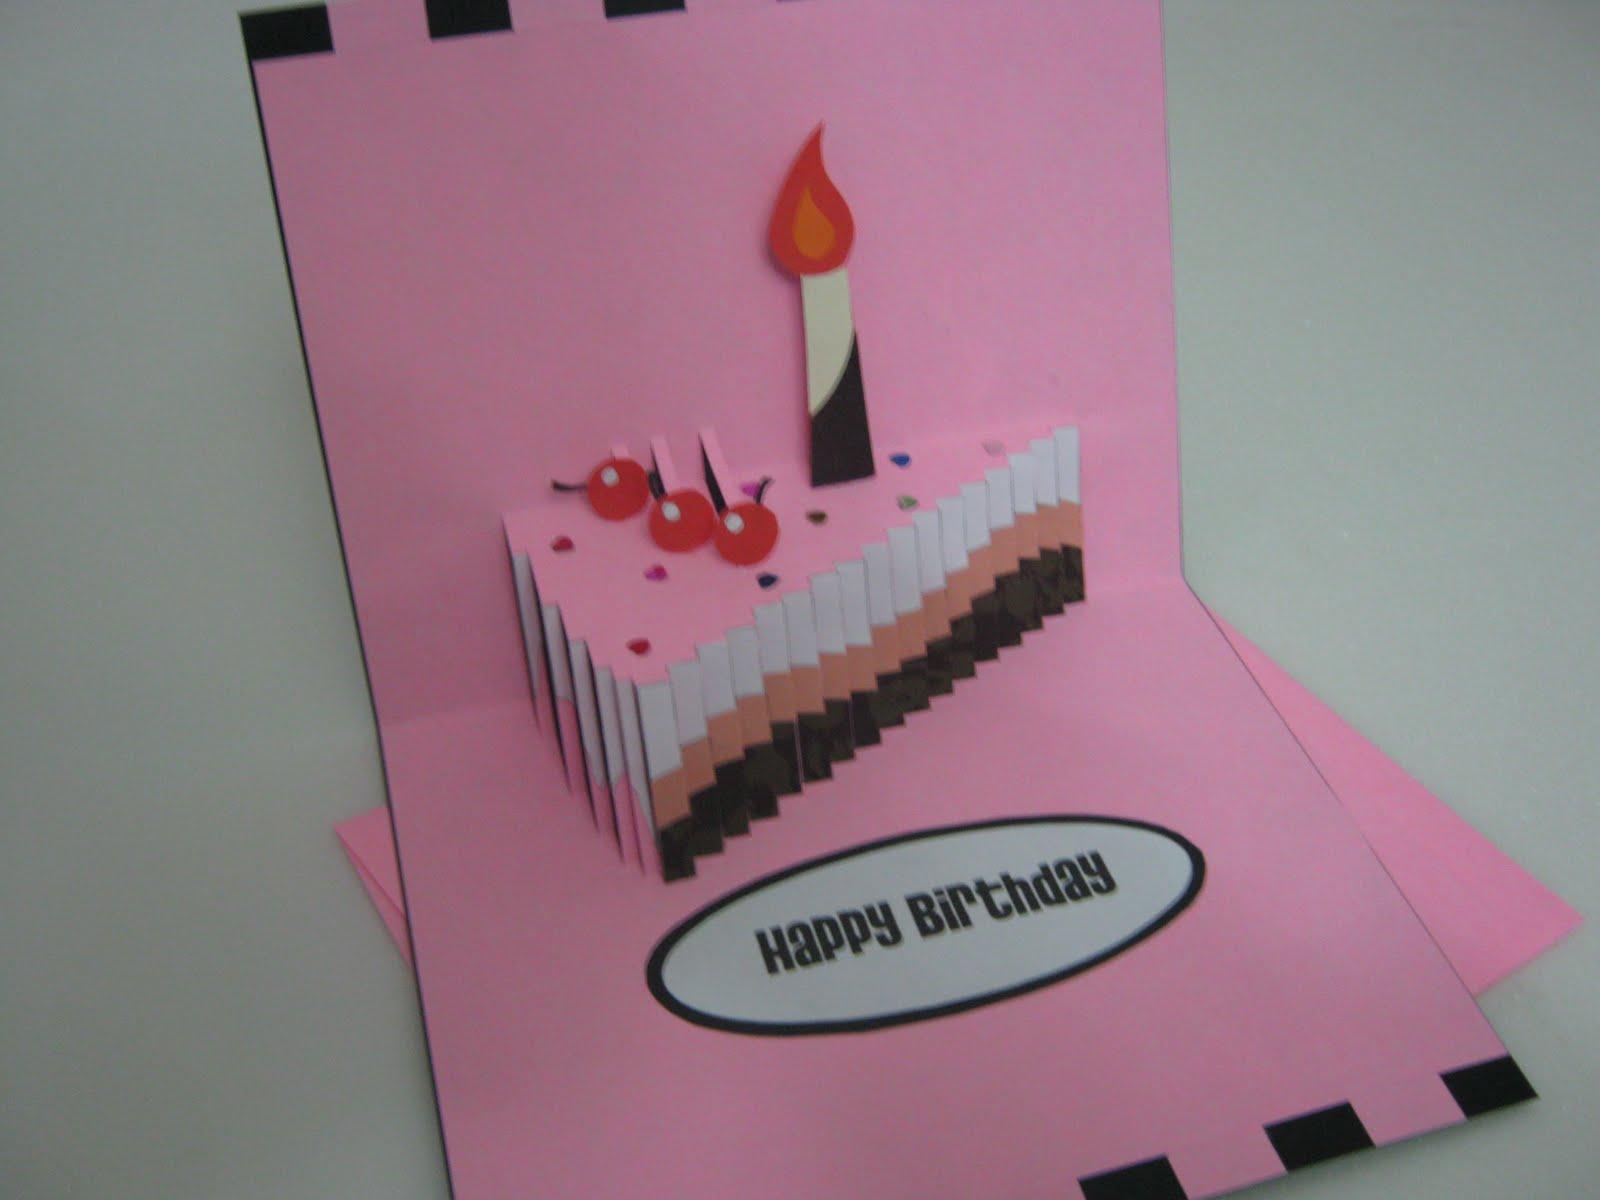 Как сделать объемный торт в открытке детская поделка, уточкой